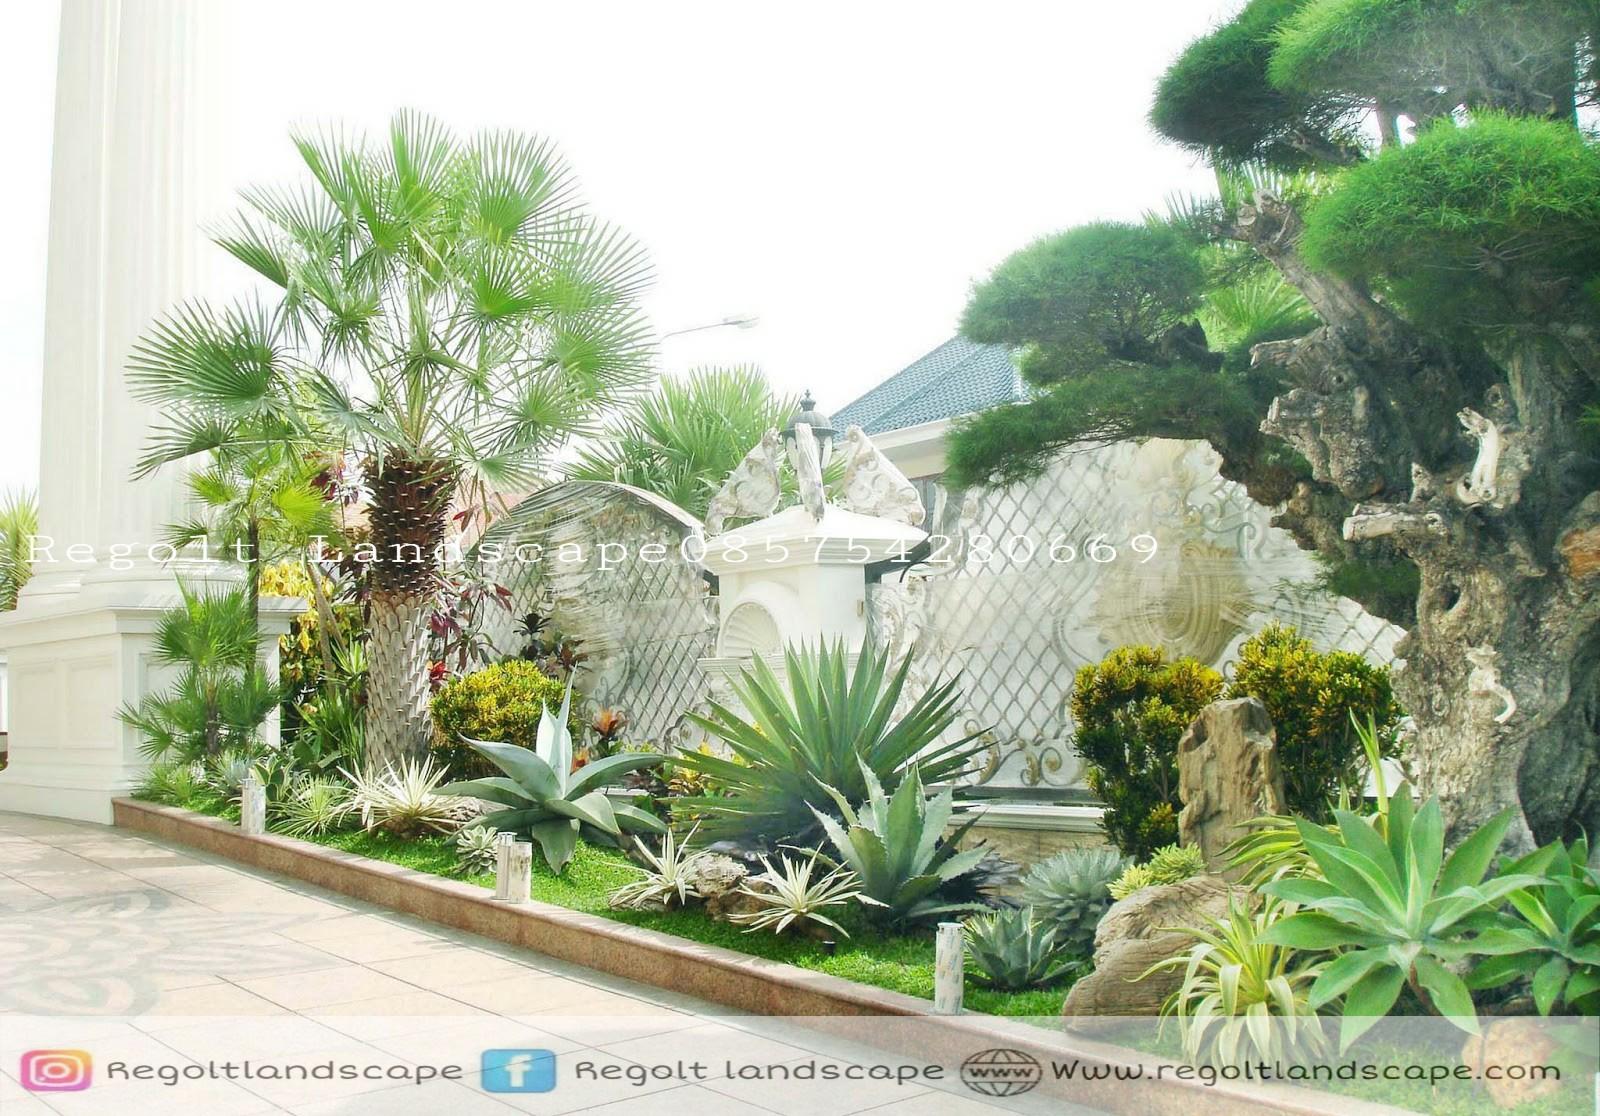 Jasa Taman Regolt Landscape